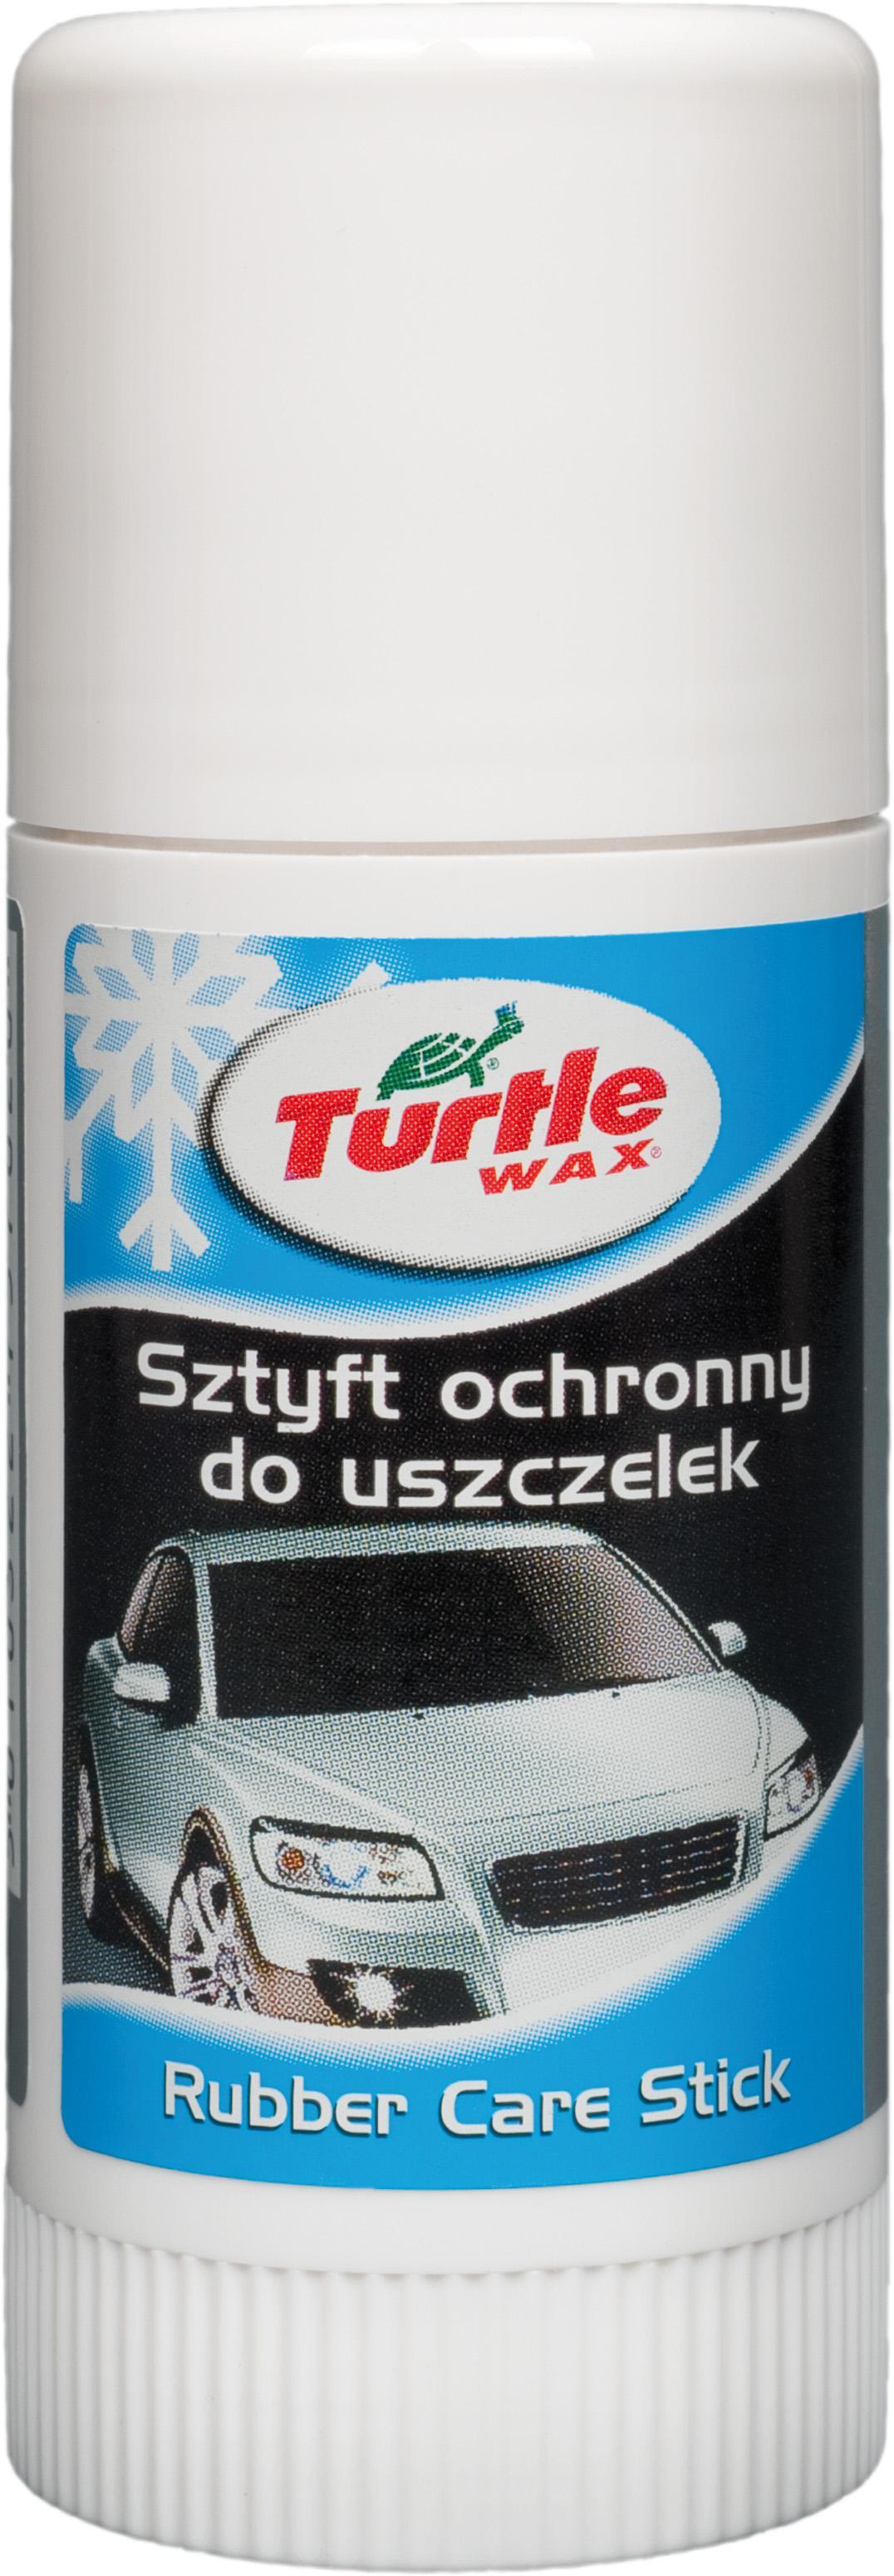 TW 70-066  SZTYFT OCHRONNY DO USZCZELEK 38ML TURTLE WAX